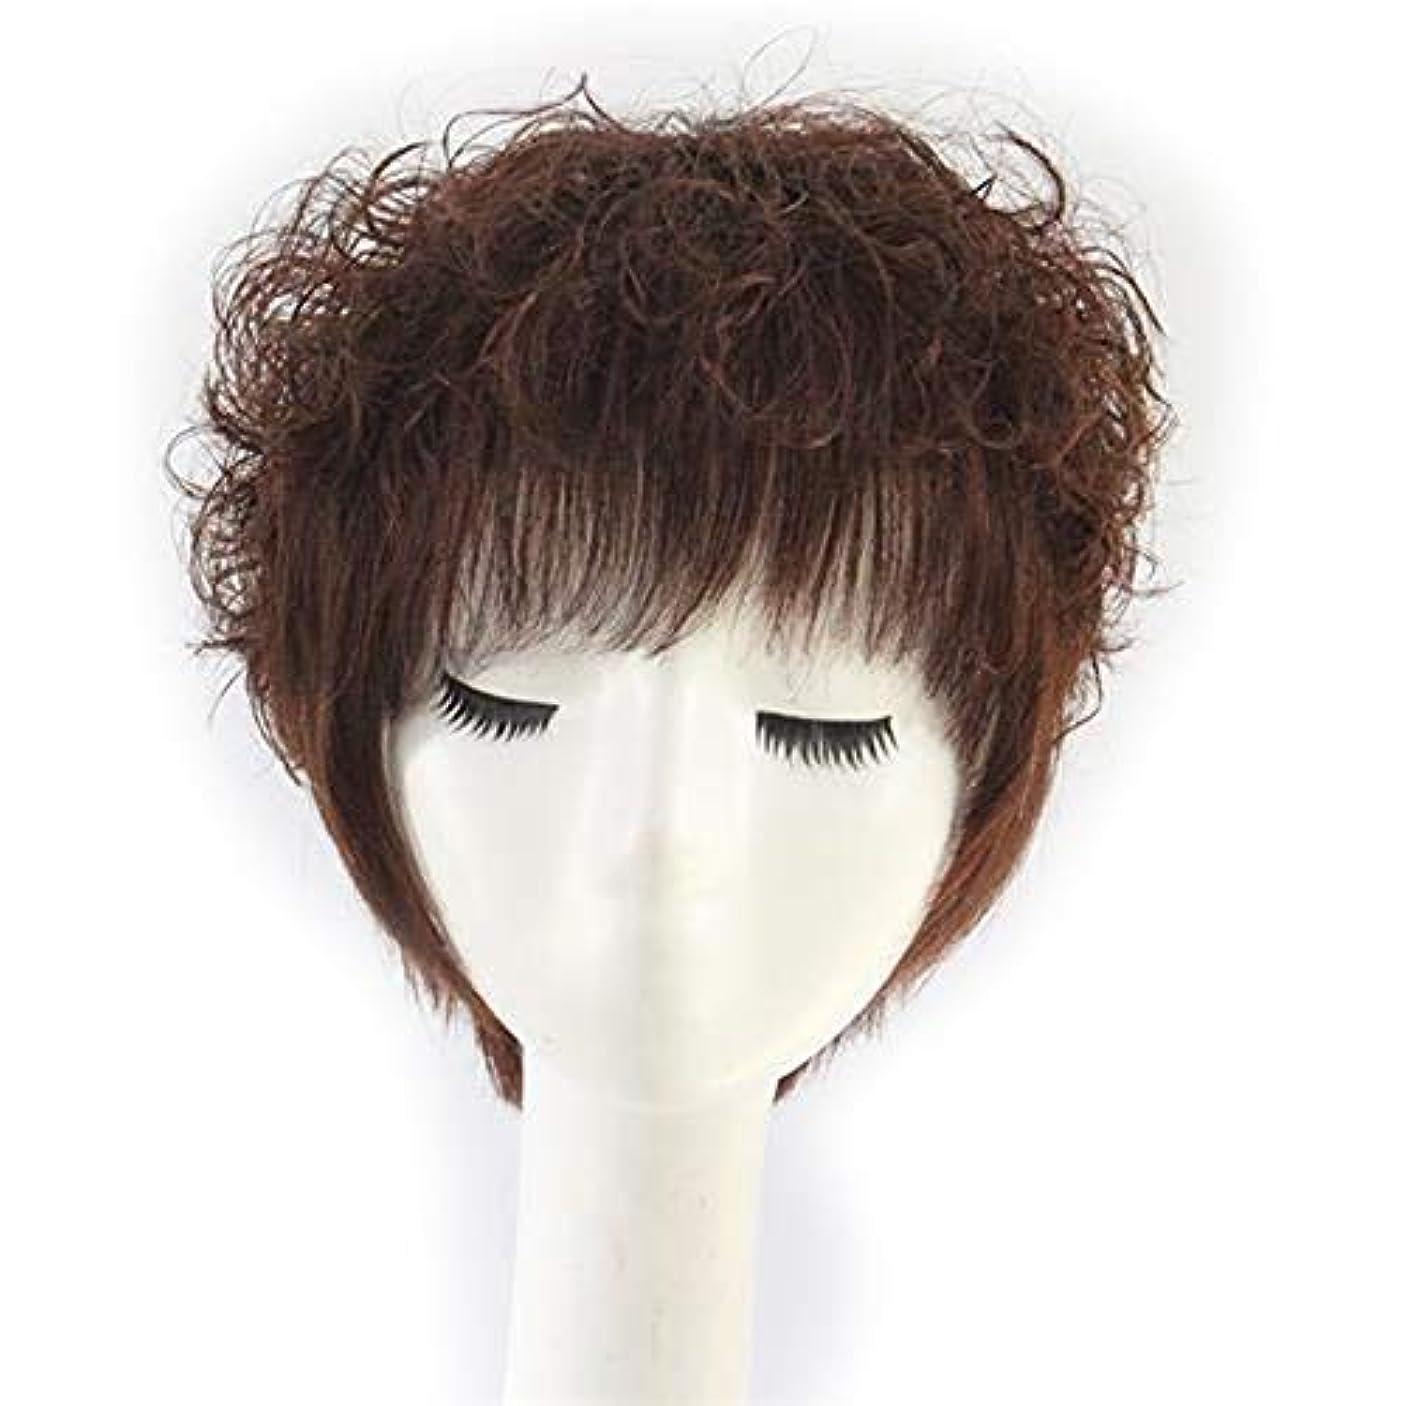 のホストために恩赦YOUQIU 本物の人間の髪の毛レディショートカーリーヘア耐熱フルウィッグウィッグウィッグ中年 (色 : Natural color)